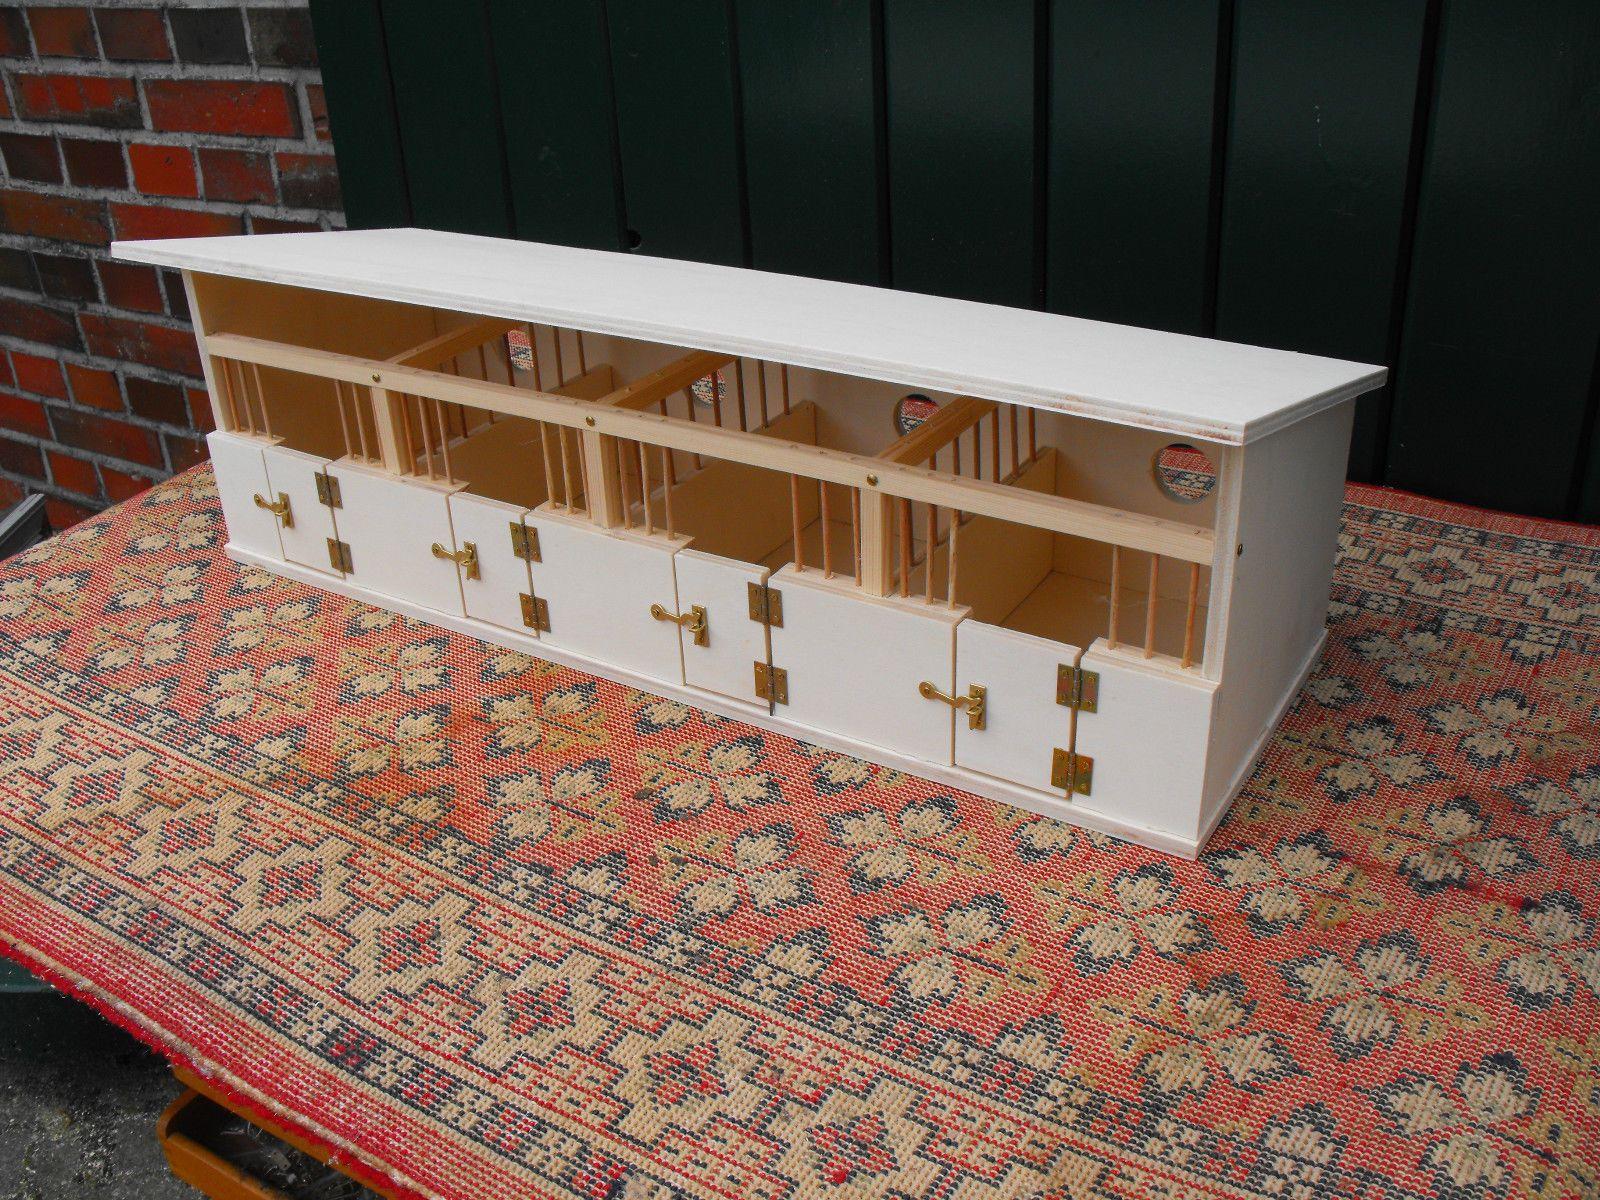 pferdestall pferdeboxen f r u a schleich pferde eigenbau aus holz ebay breyer horses. Black Bedroom Furniture Sets. Home Design Ideas